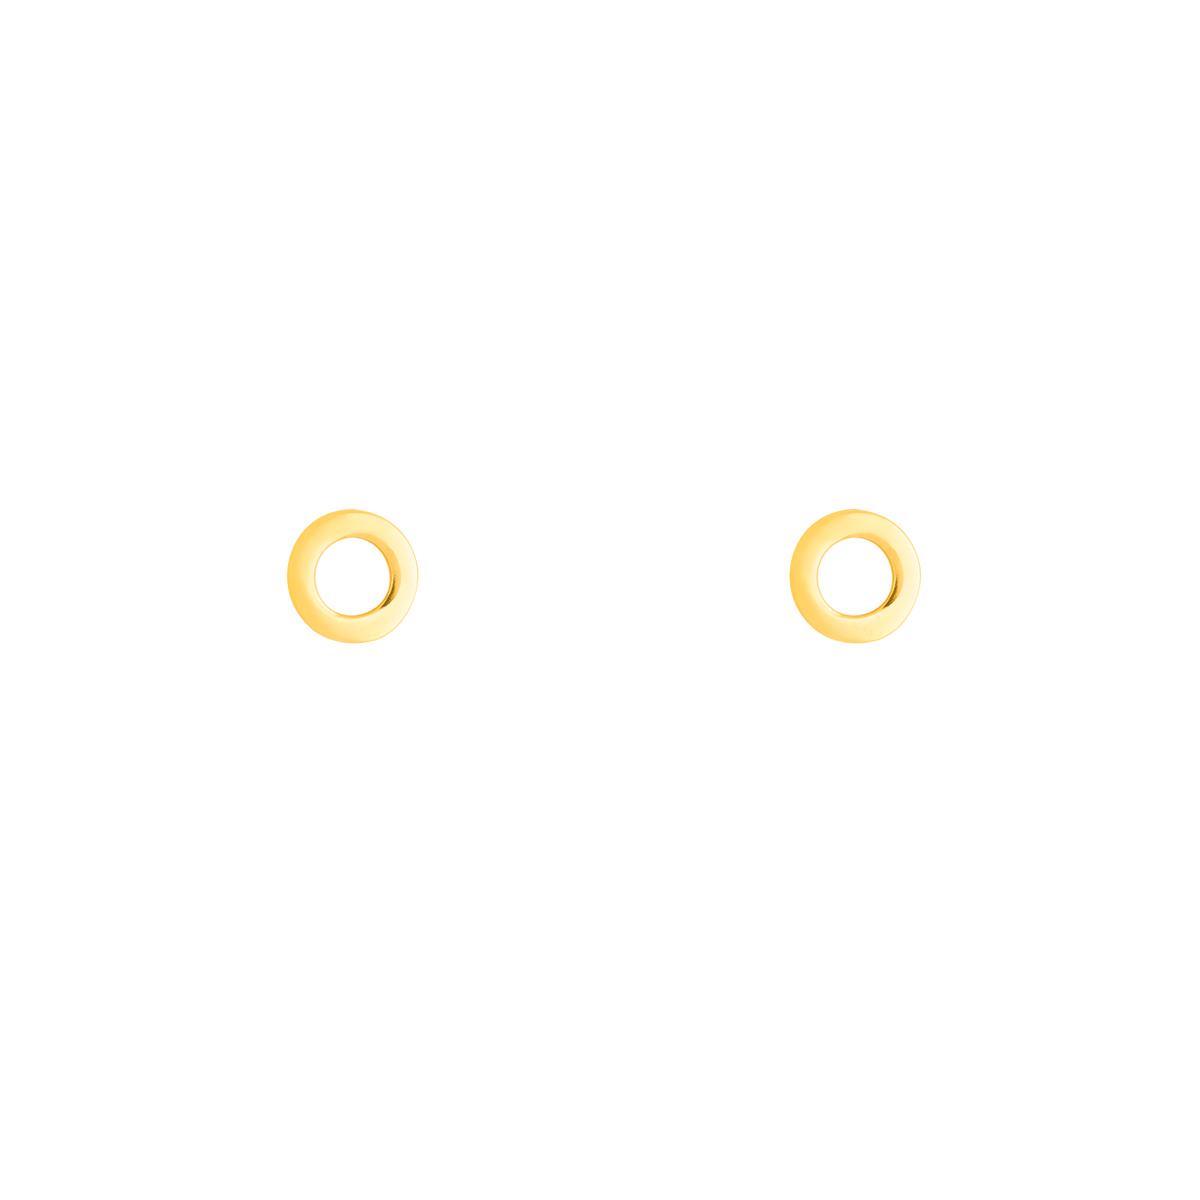 گوشواره طلا دایره توخالی